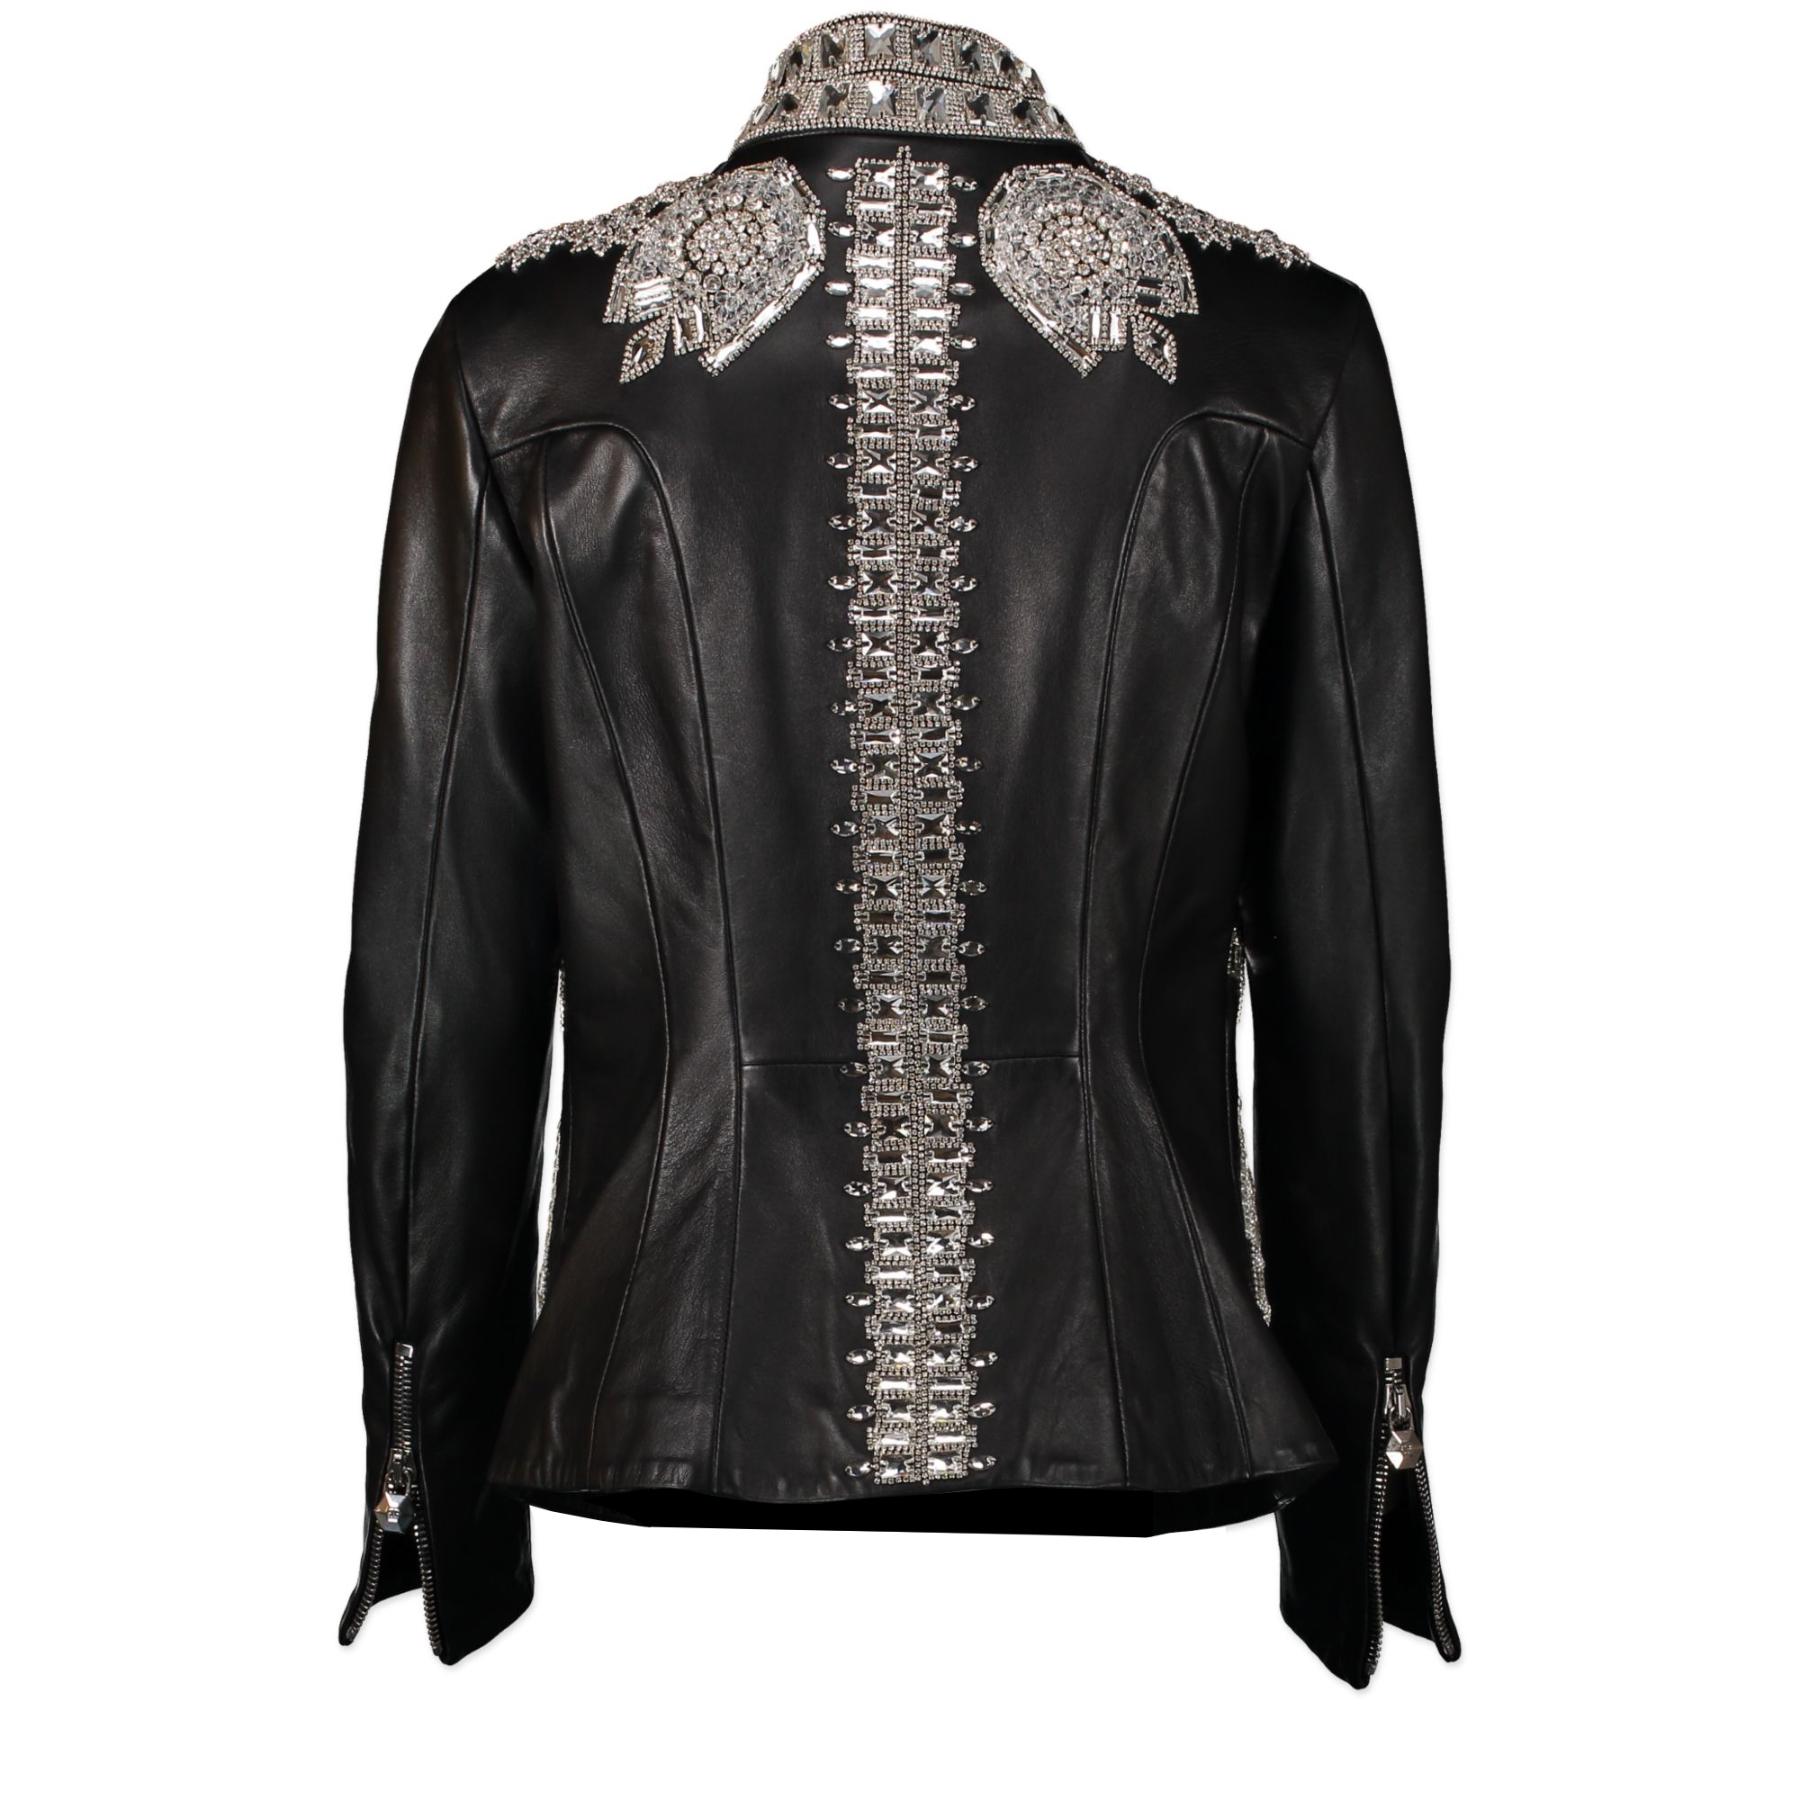 Authentique seconde-main vintage Phillipe Plein Black Leather Vogue Jacket Limited Edition - Size M achète en ligne webshop LabelLOV